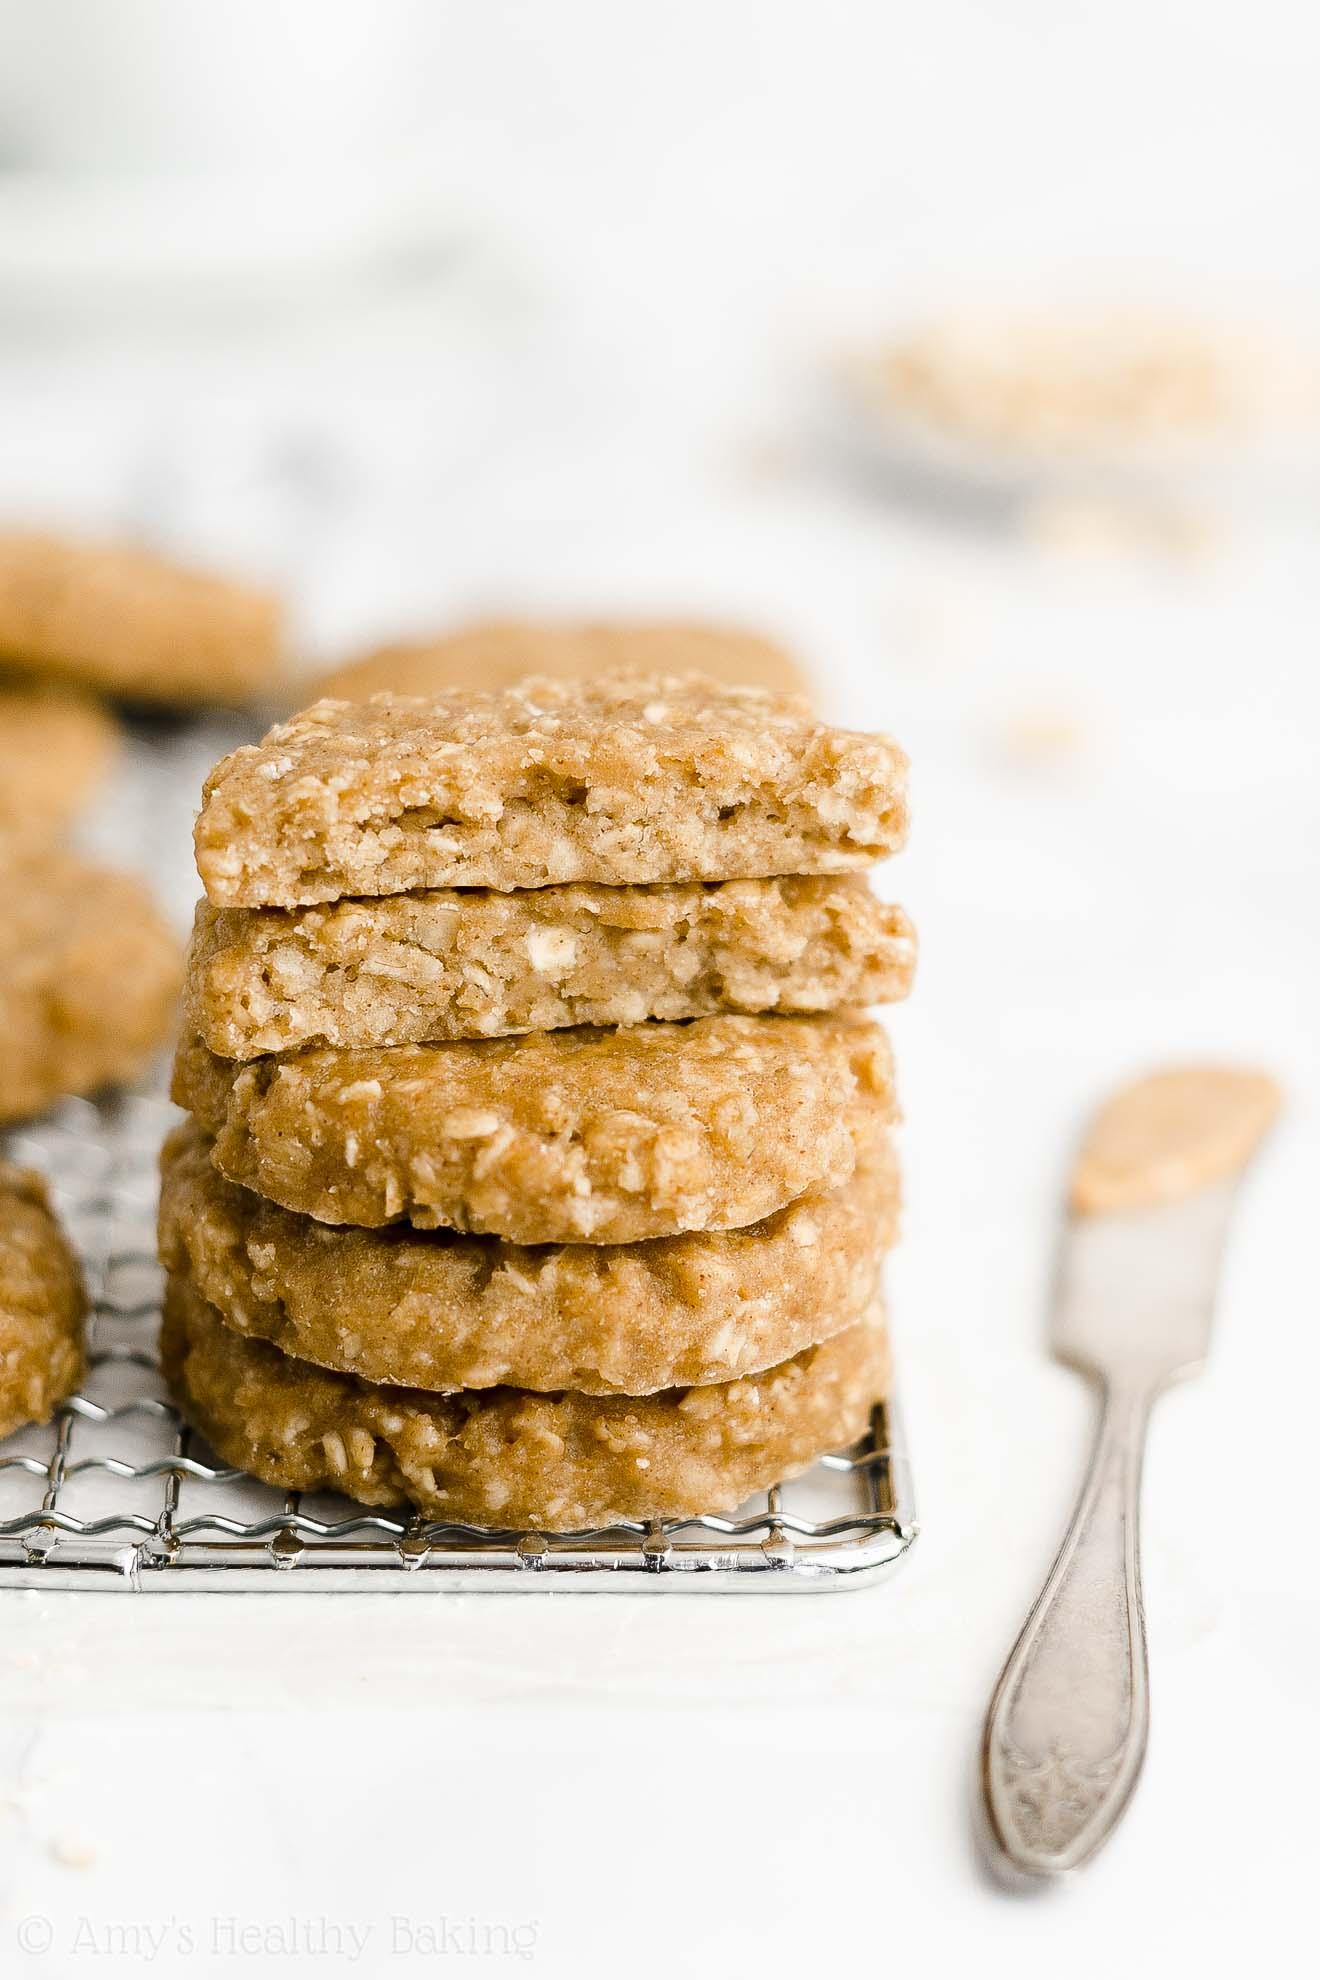 Easy Healthy Gluten Free Dairy Free Peanut Butter Oatmeal Breakfast Cookies